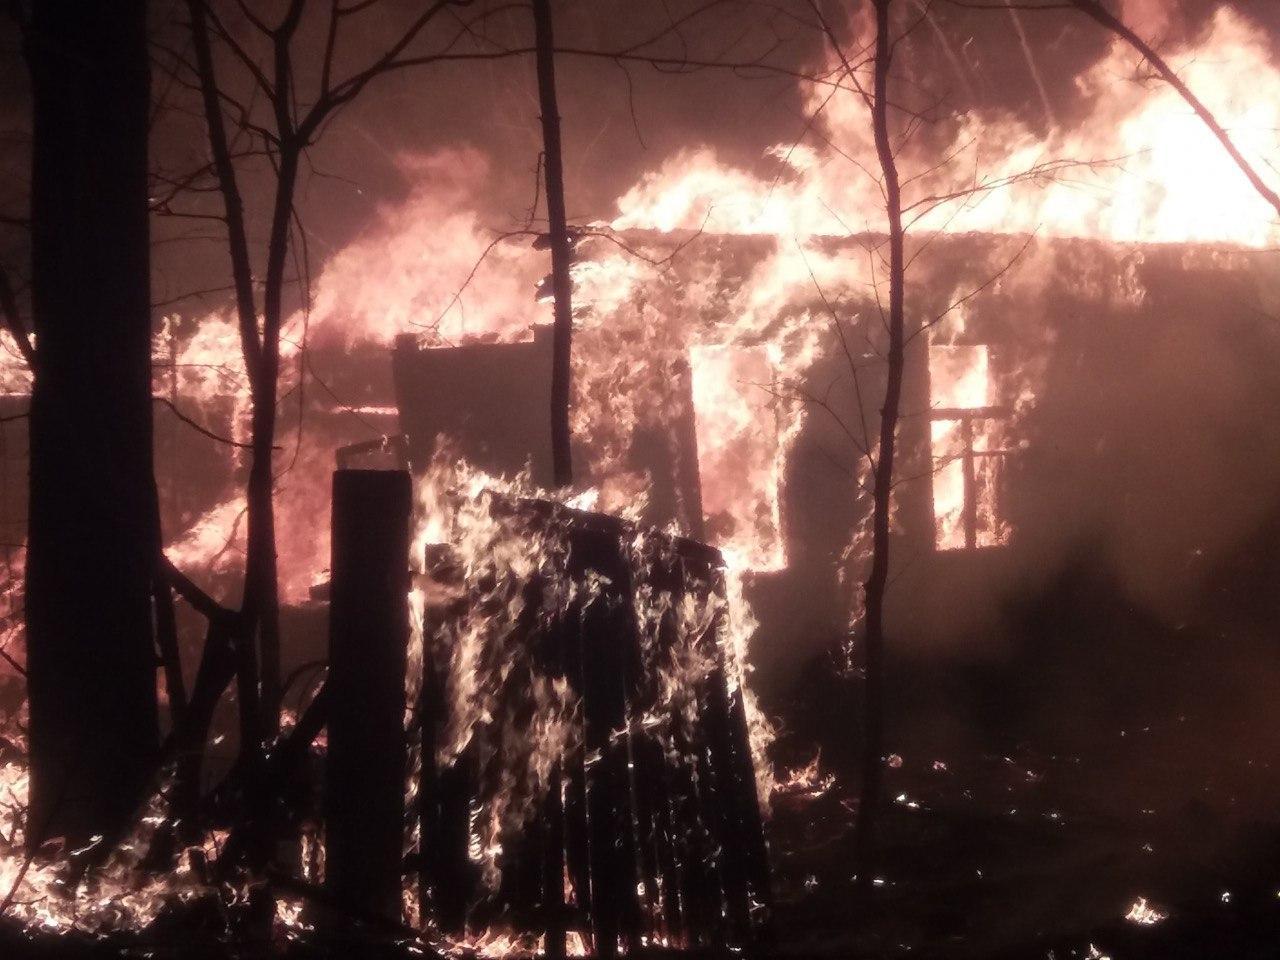 засветились самых картинки чернобыль пожар кофта открытыми плечами